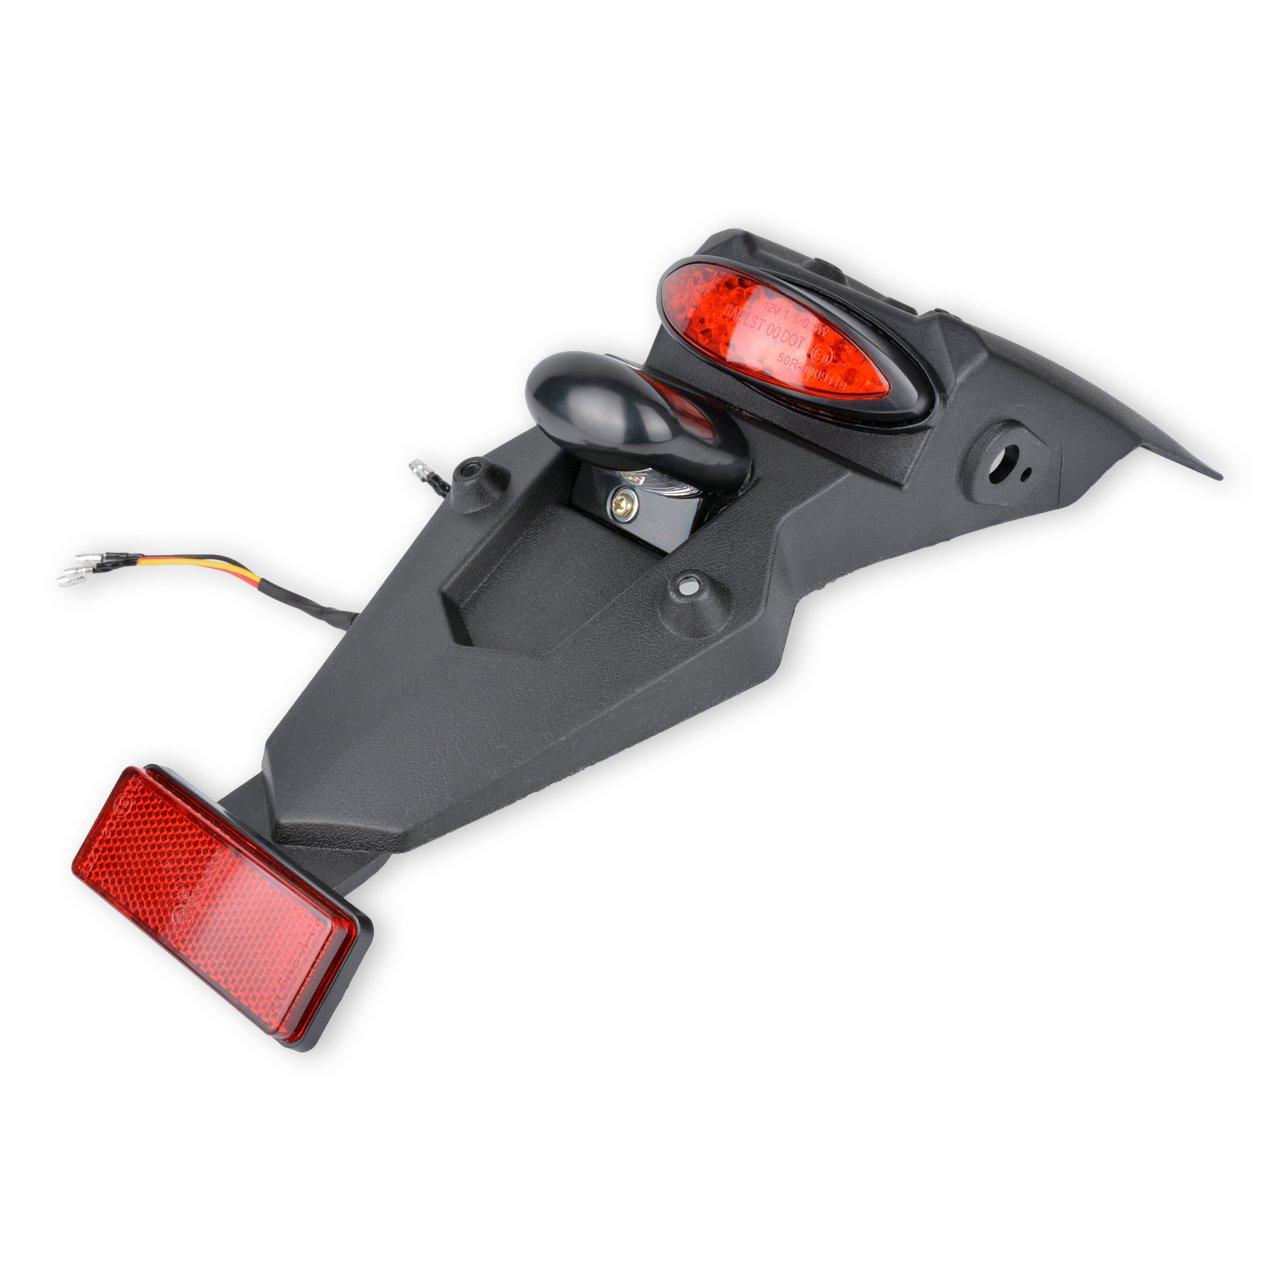 TUINCYN Parafango posteriore 12 V LED fanale posteriore freno stop indicatore di funzionamento della lampada per fuoristrada moto motocross Dirt bike, nero della lente rossa (confezione da 1)